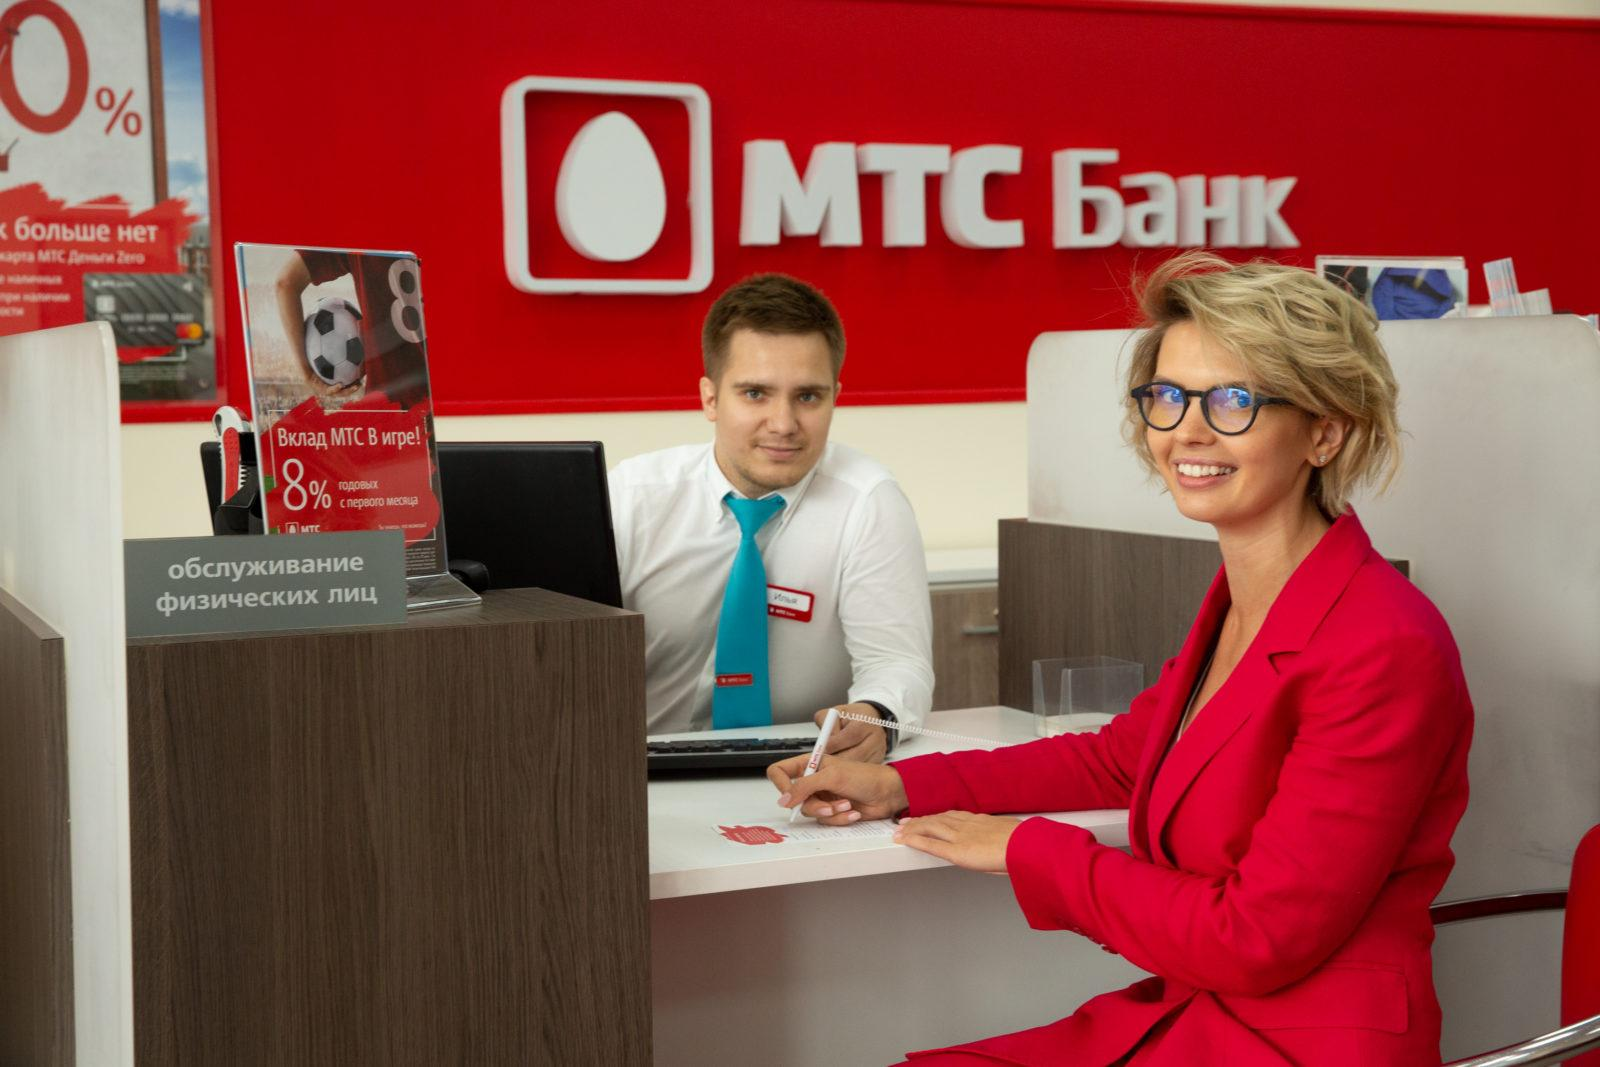 refinansirovanie-potrebitelskogo-kredita_15